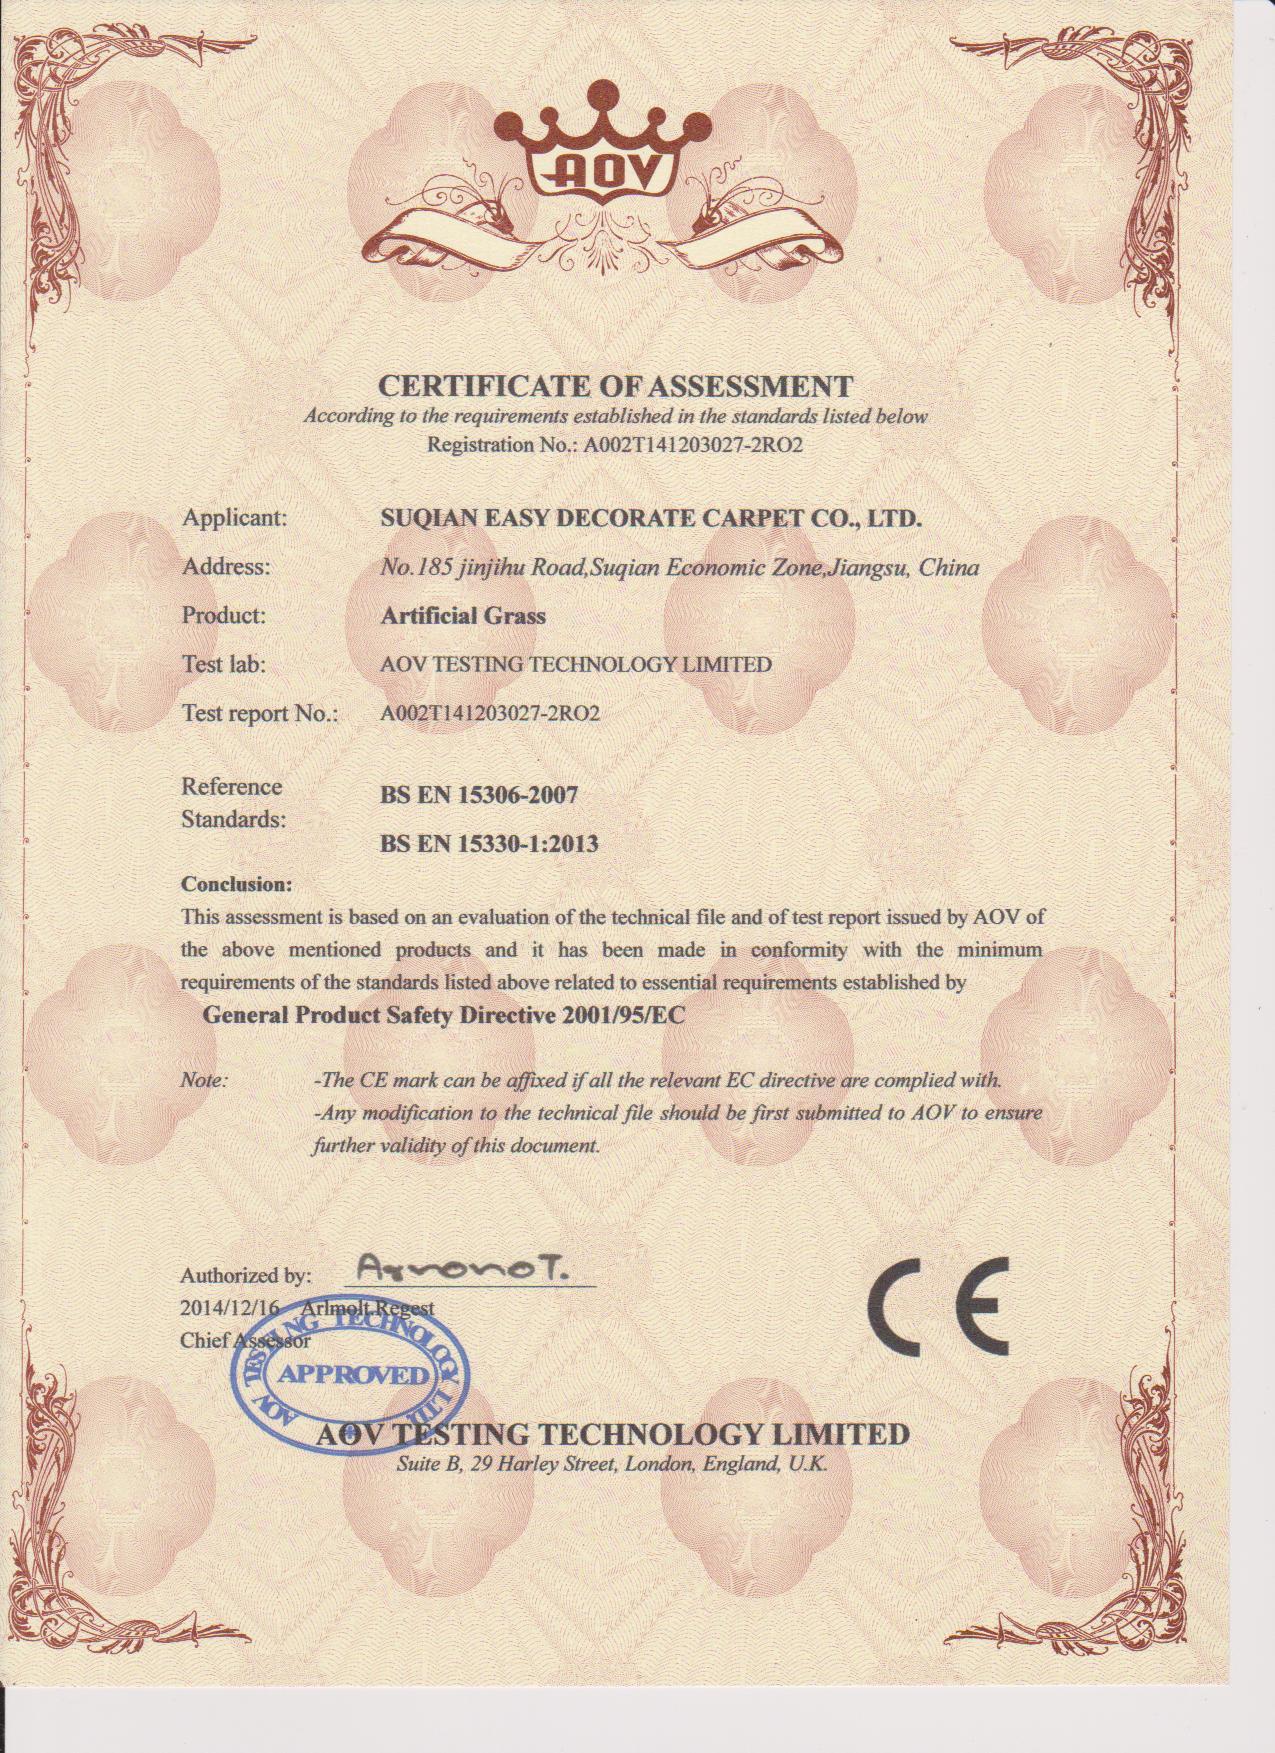 人造草坪CE证书